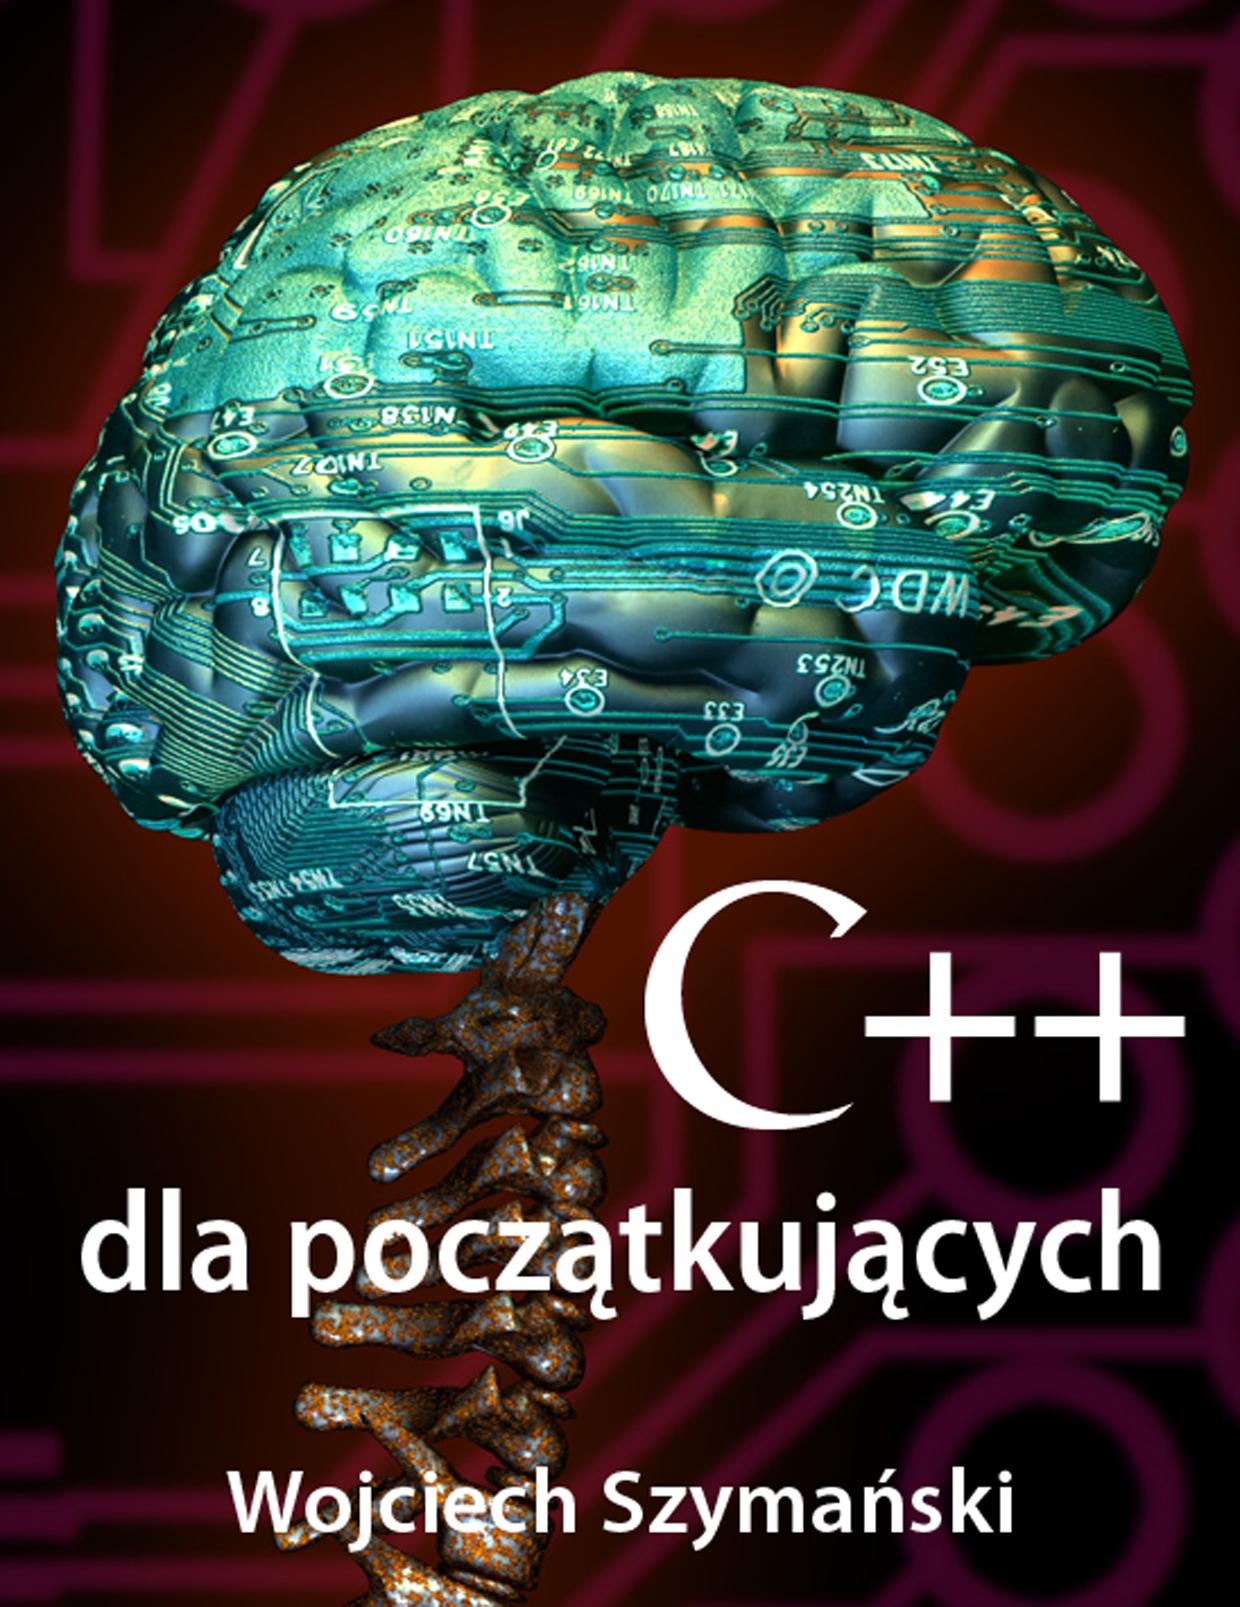 :: eBook C++ dla początkujących - na ePartnerzy ::